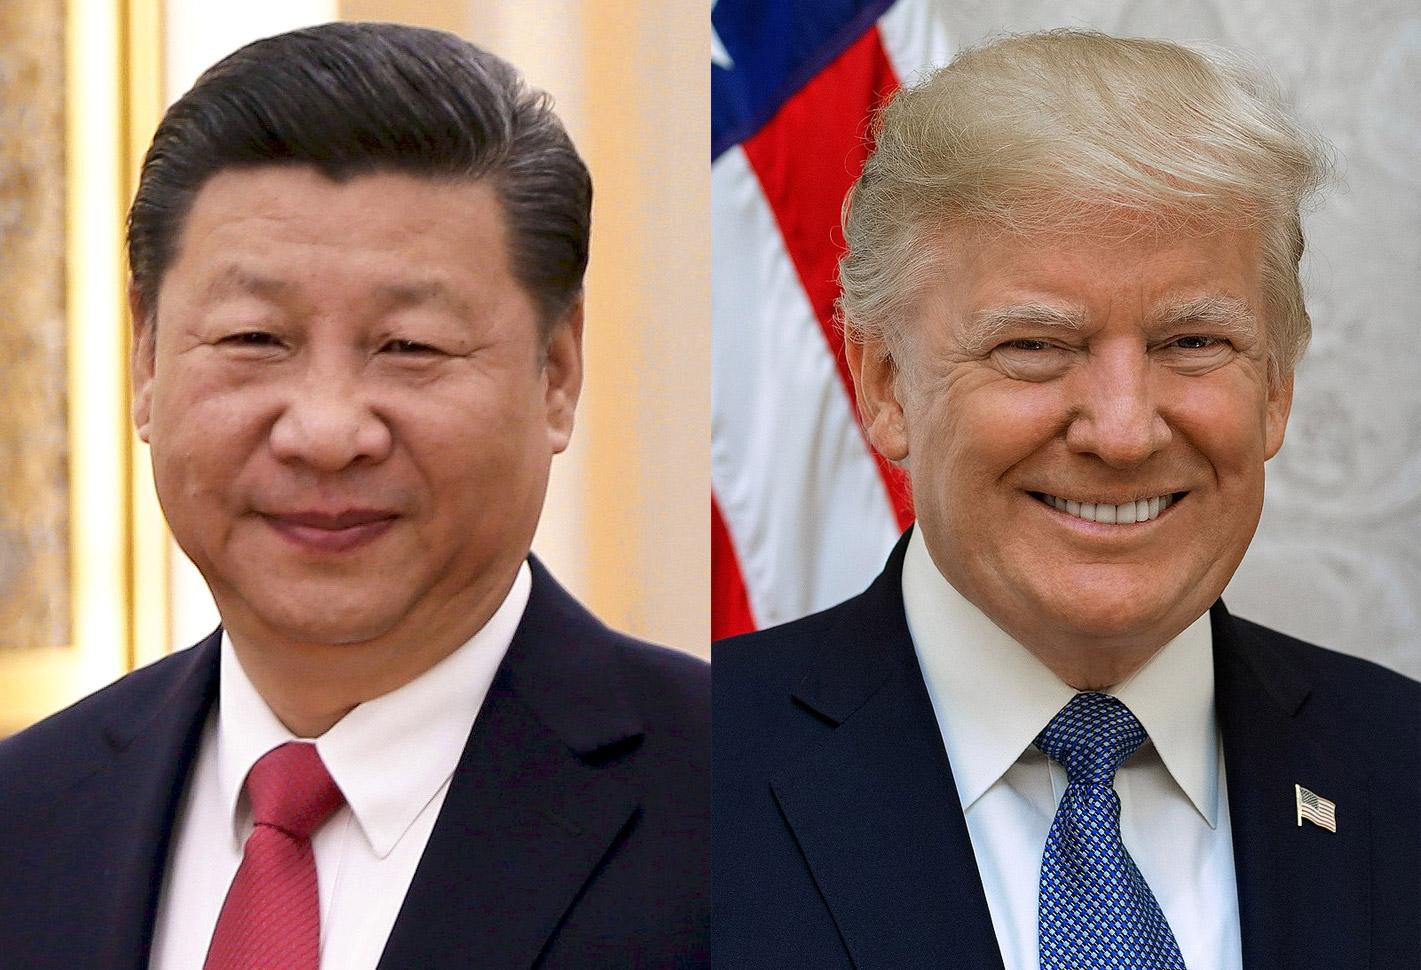 тают китай против россии кто победит ютуб она звездчатка